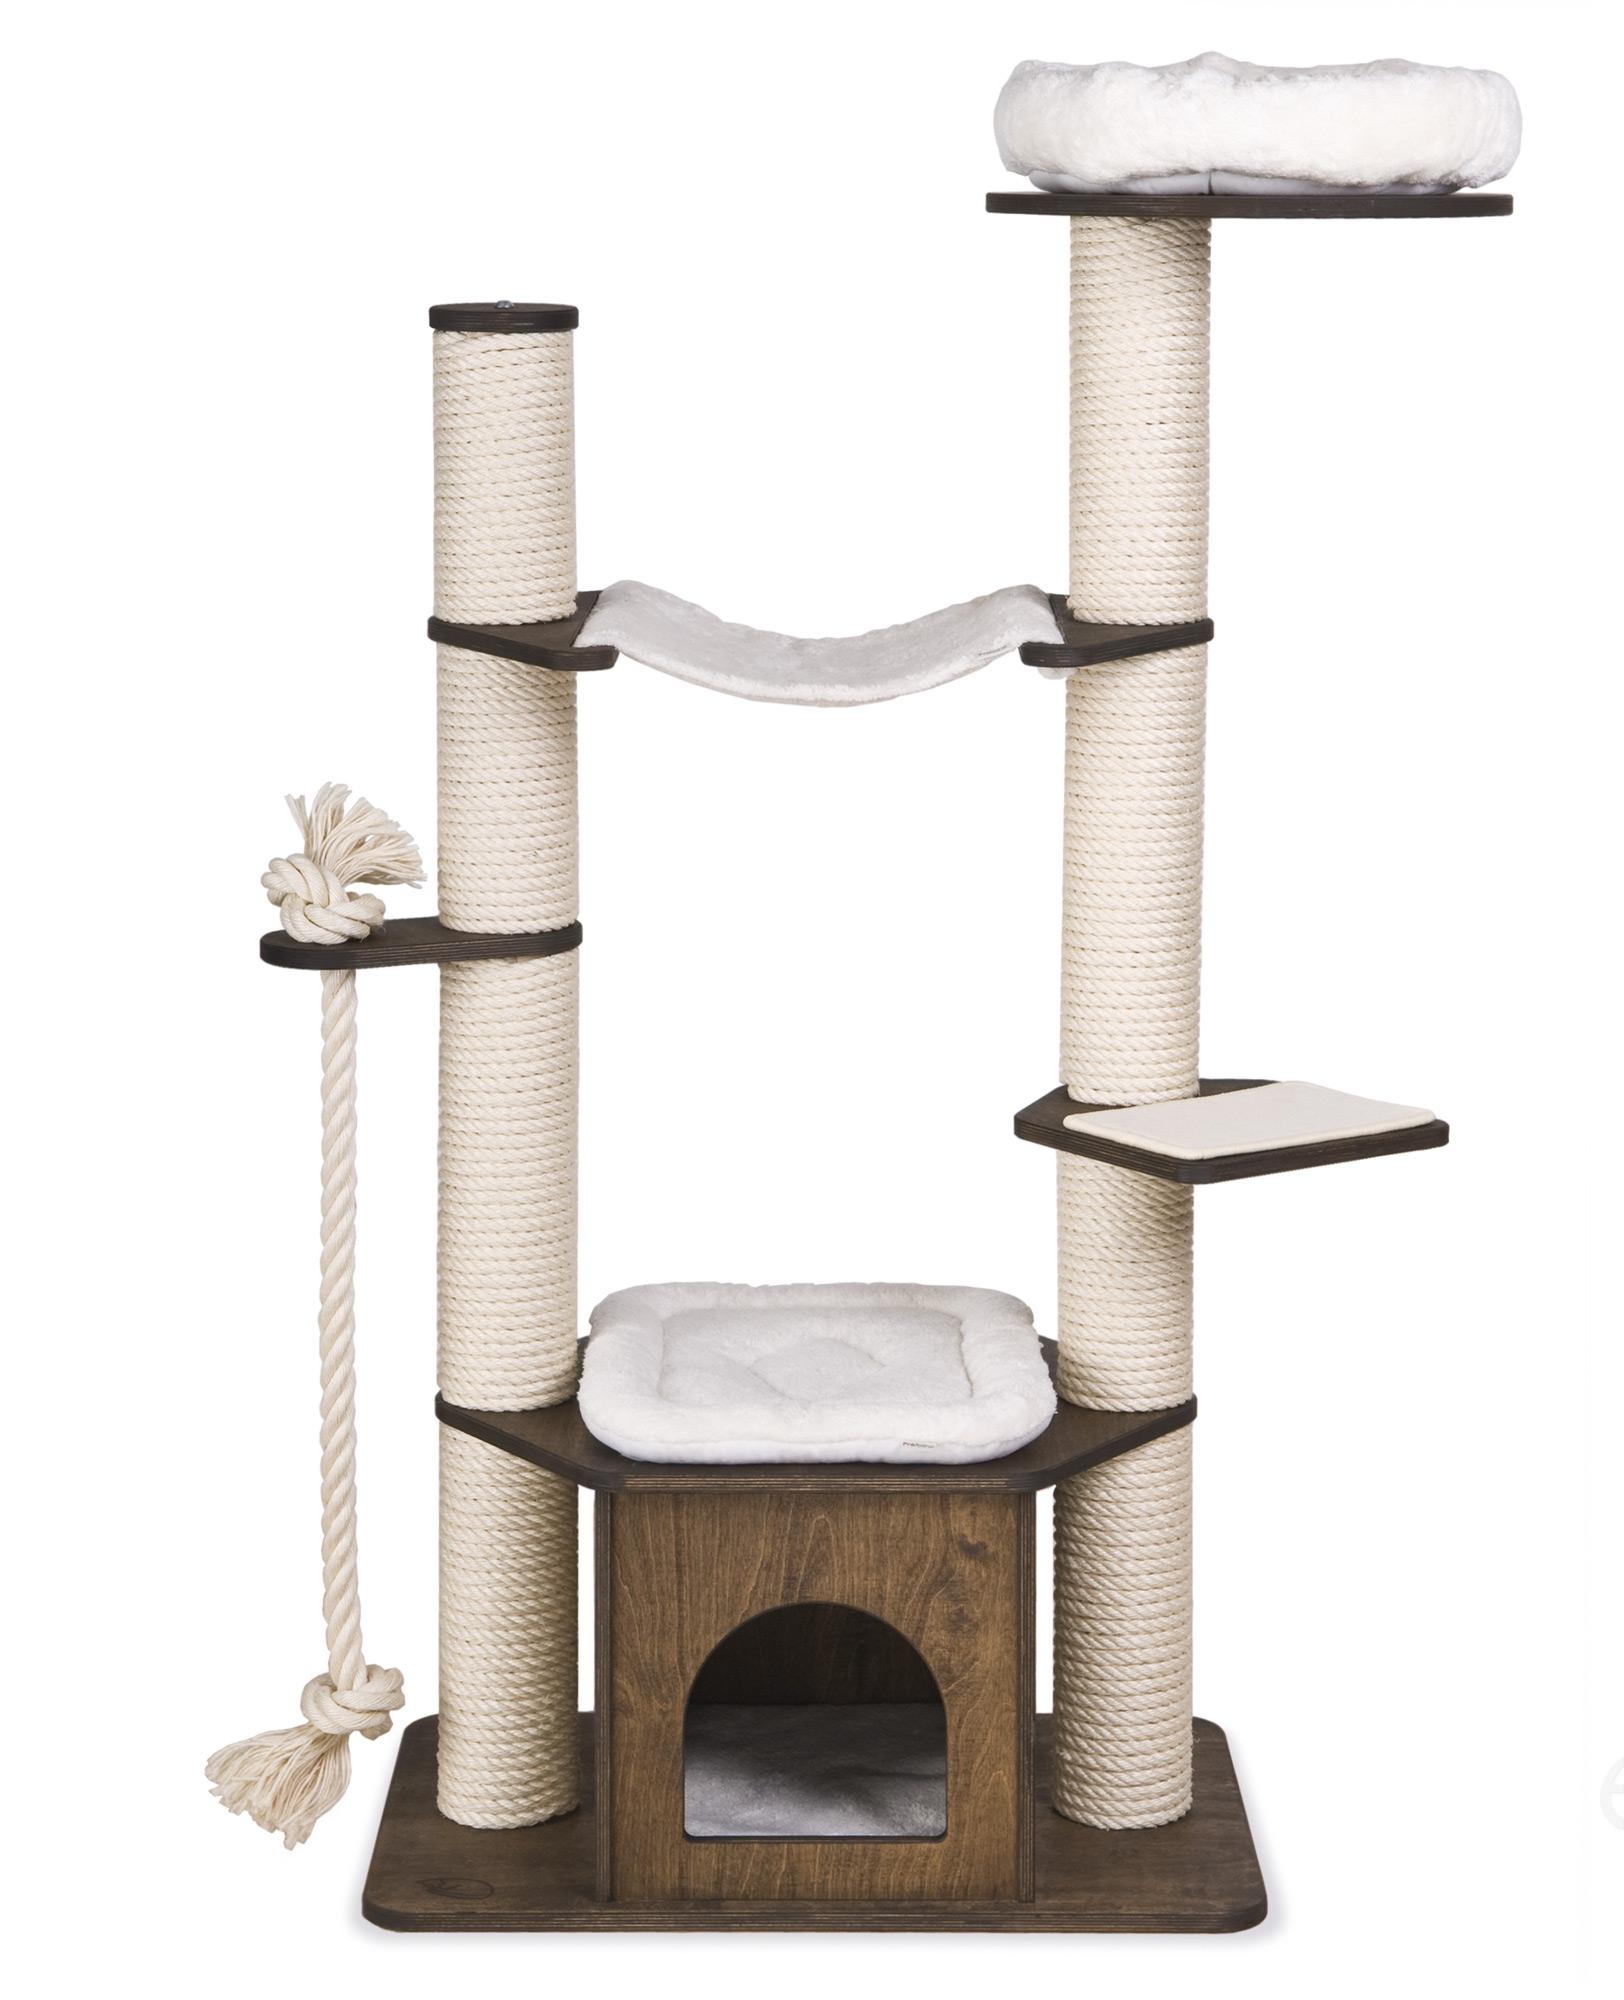 kratzbaum modell sarah 2 stamm kratzbaum kratzb ume. Black Bedroom Furniture Sets. Home Design Ideas